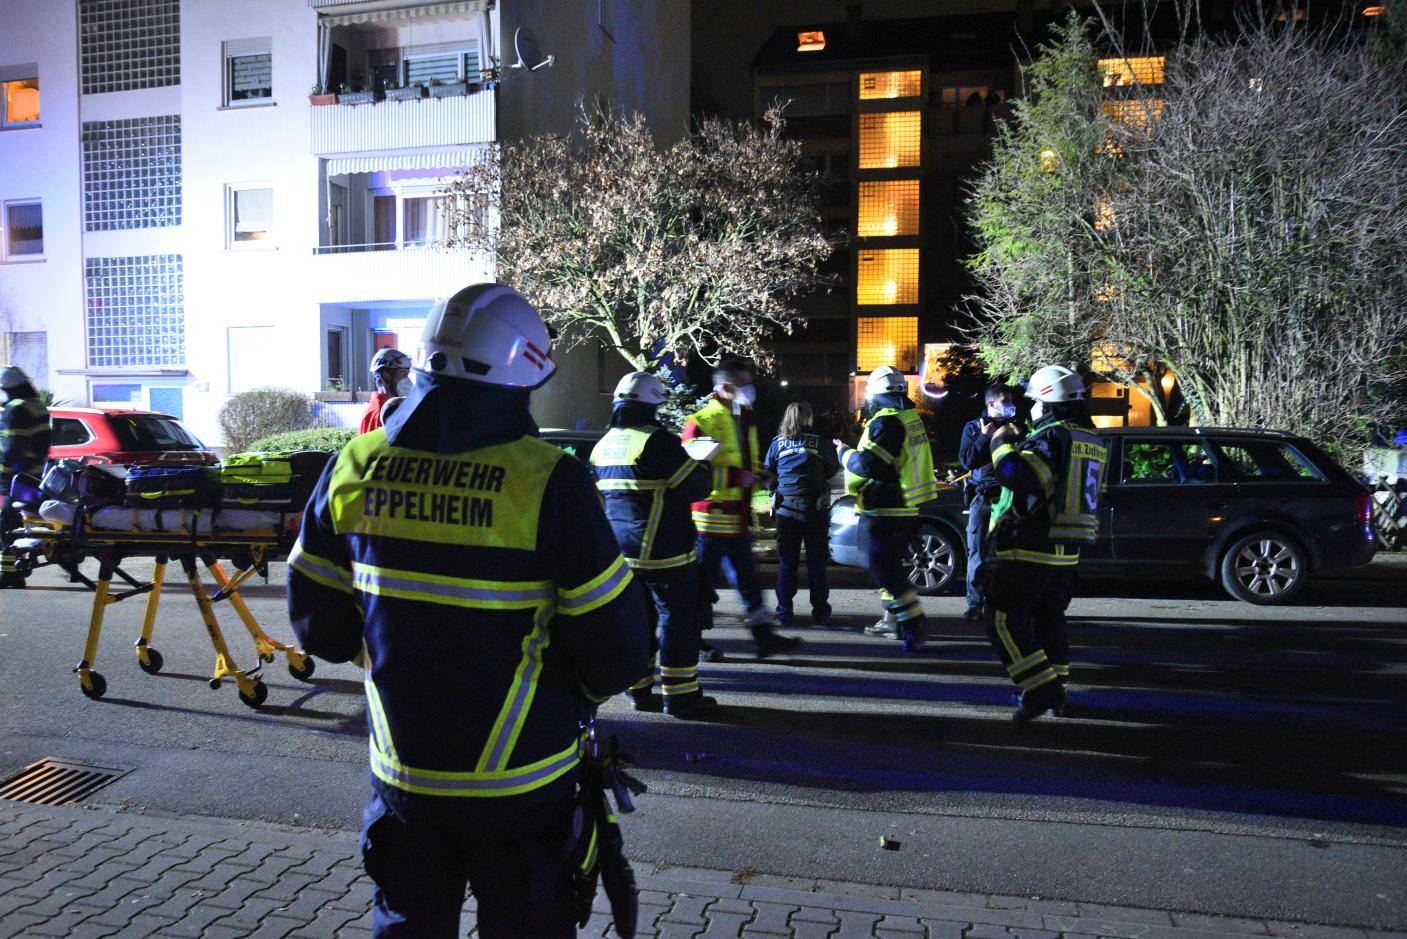 Eppelheim: Vergessene Kerze löst Brand aus